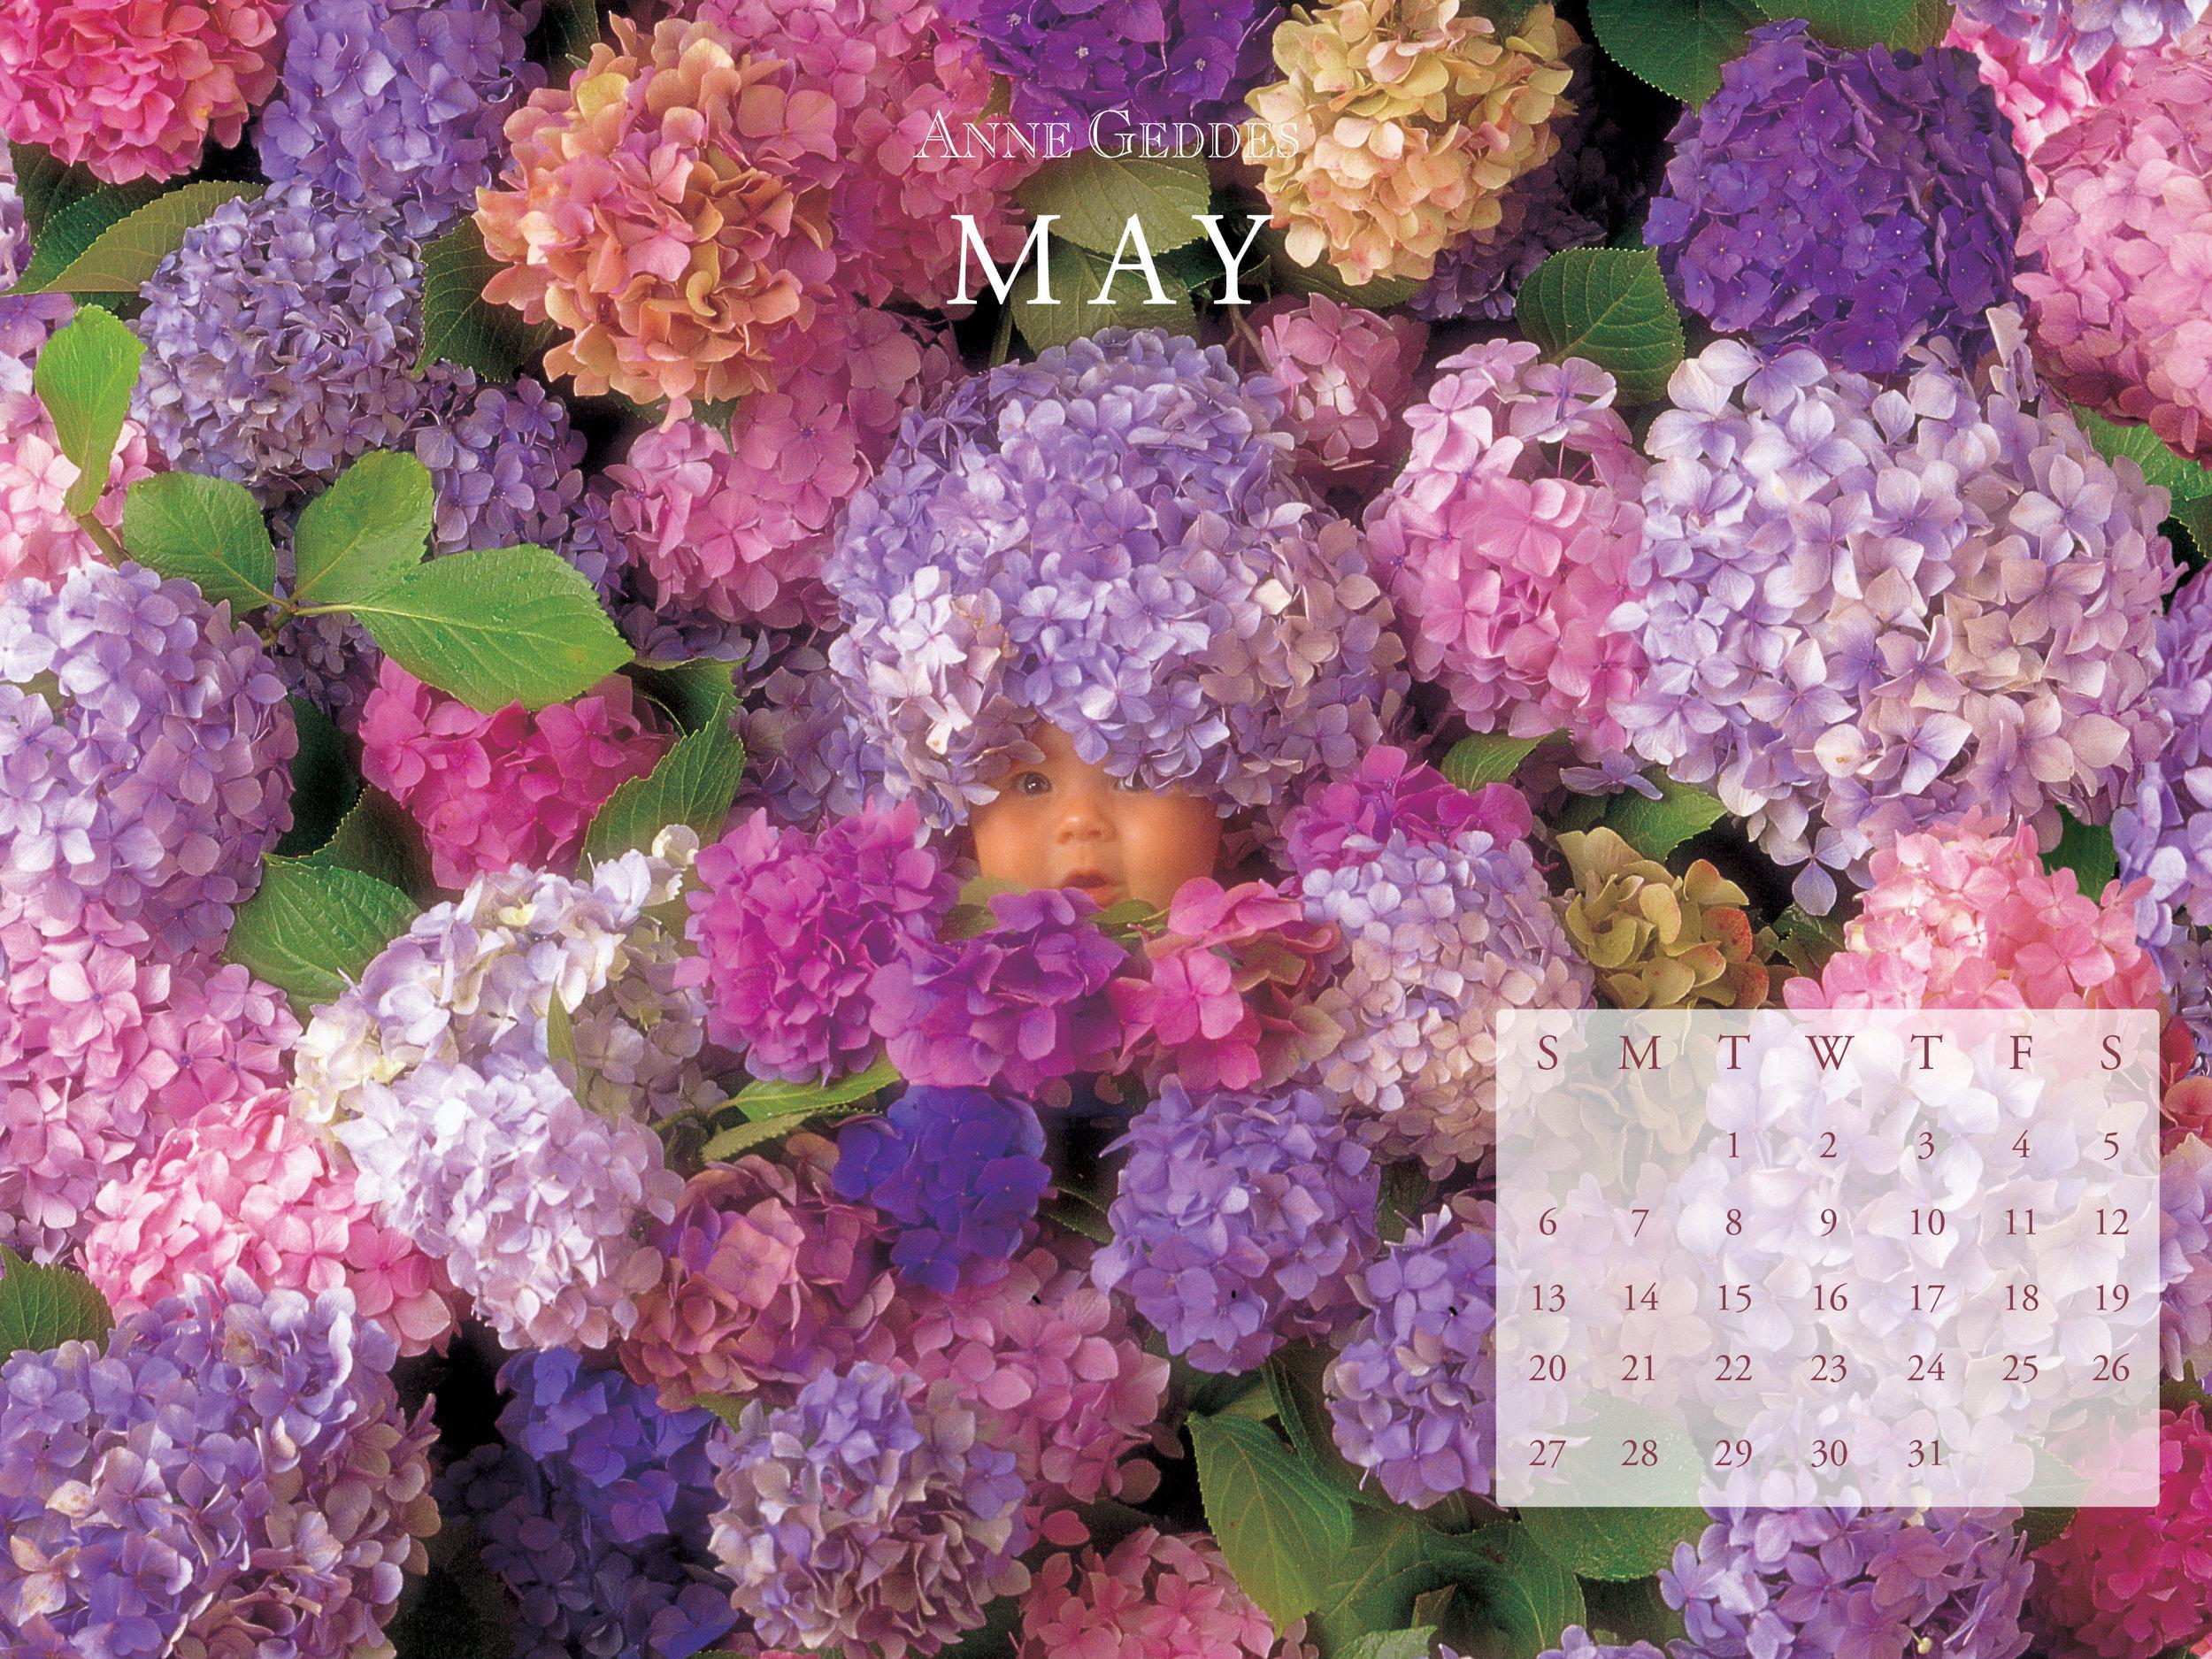 May800x600.jpg